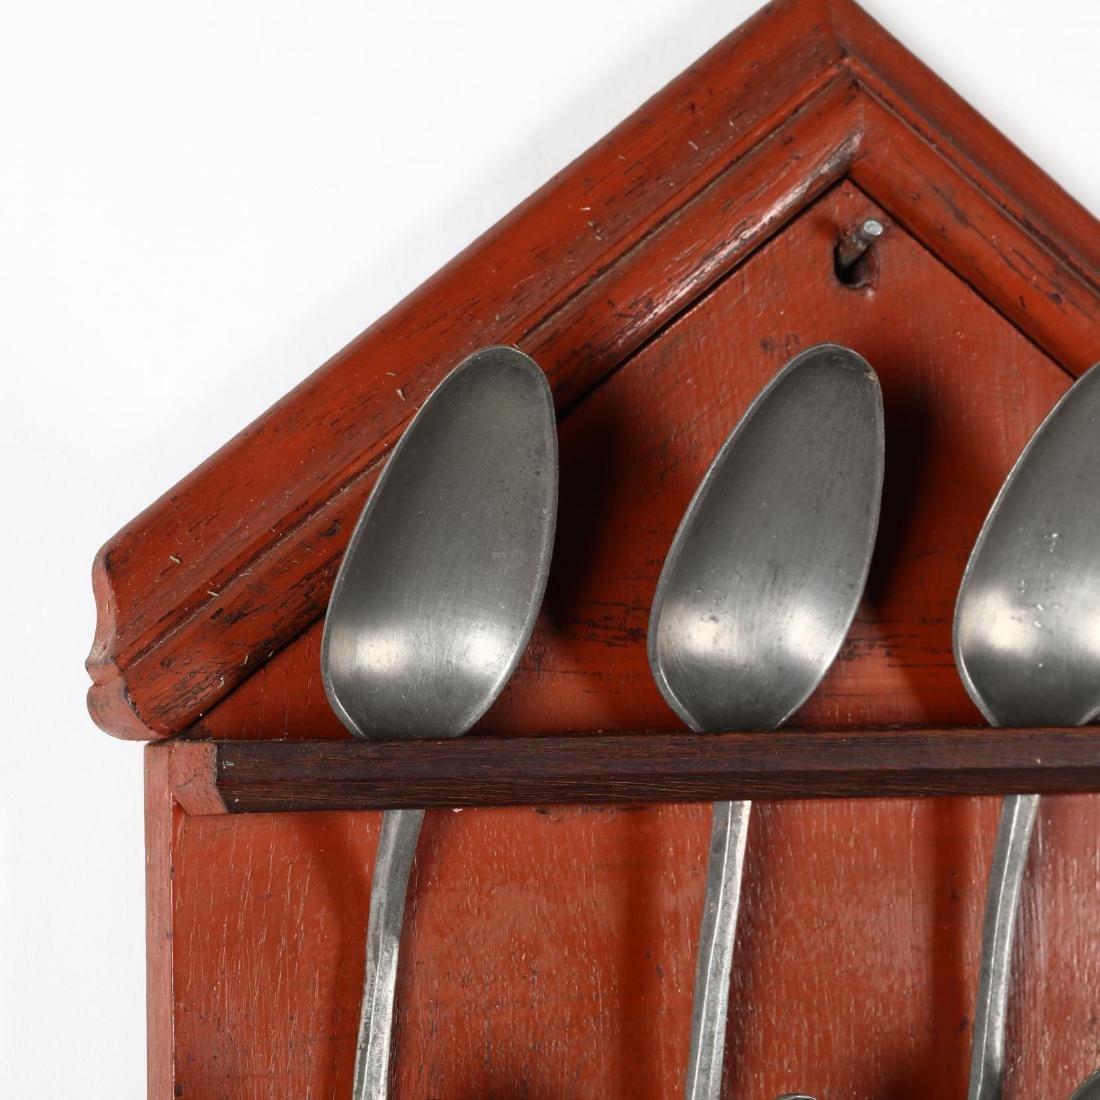 Twelve Lead Spoons with Painted Rack - 2